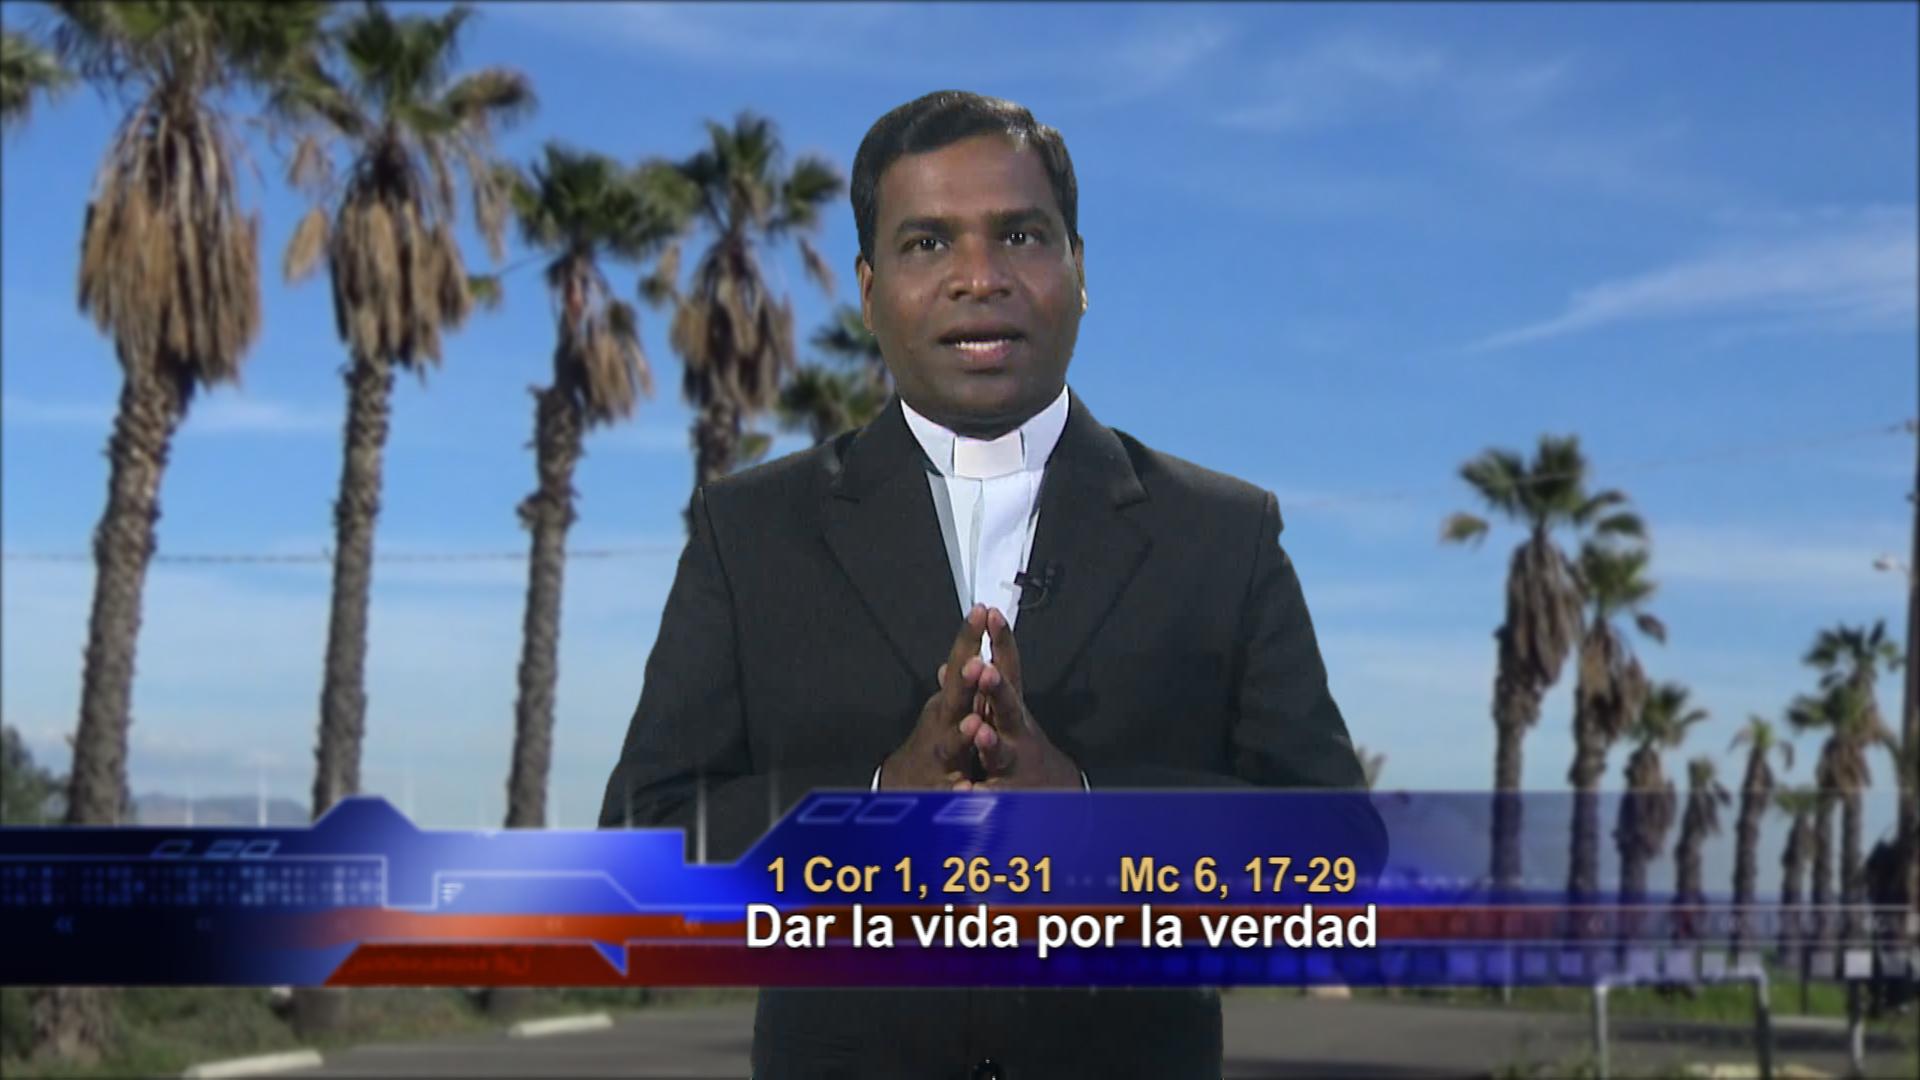 Artwork for Dios te Habla con Fr. Deebar Yonas, SVD; Tema el hoy: Dar la vida por la verdad